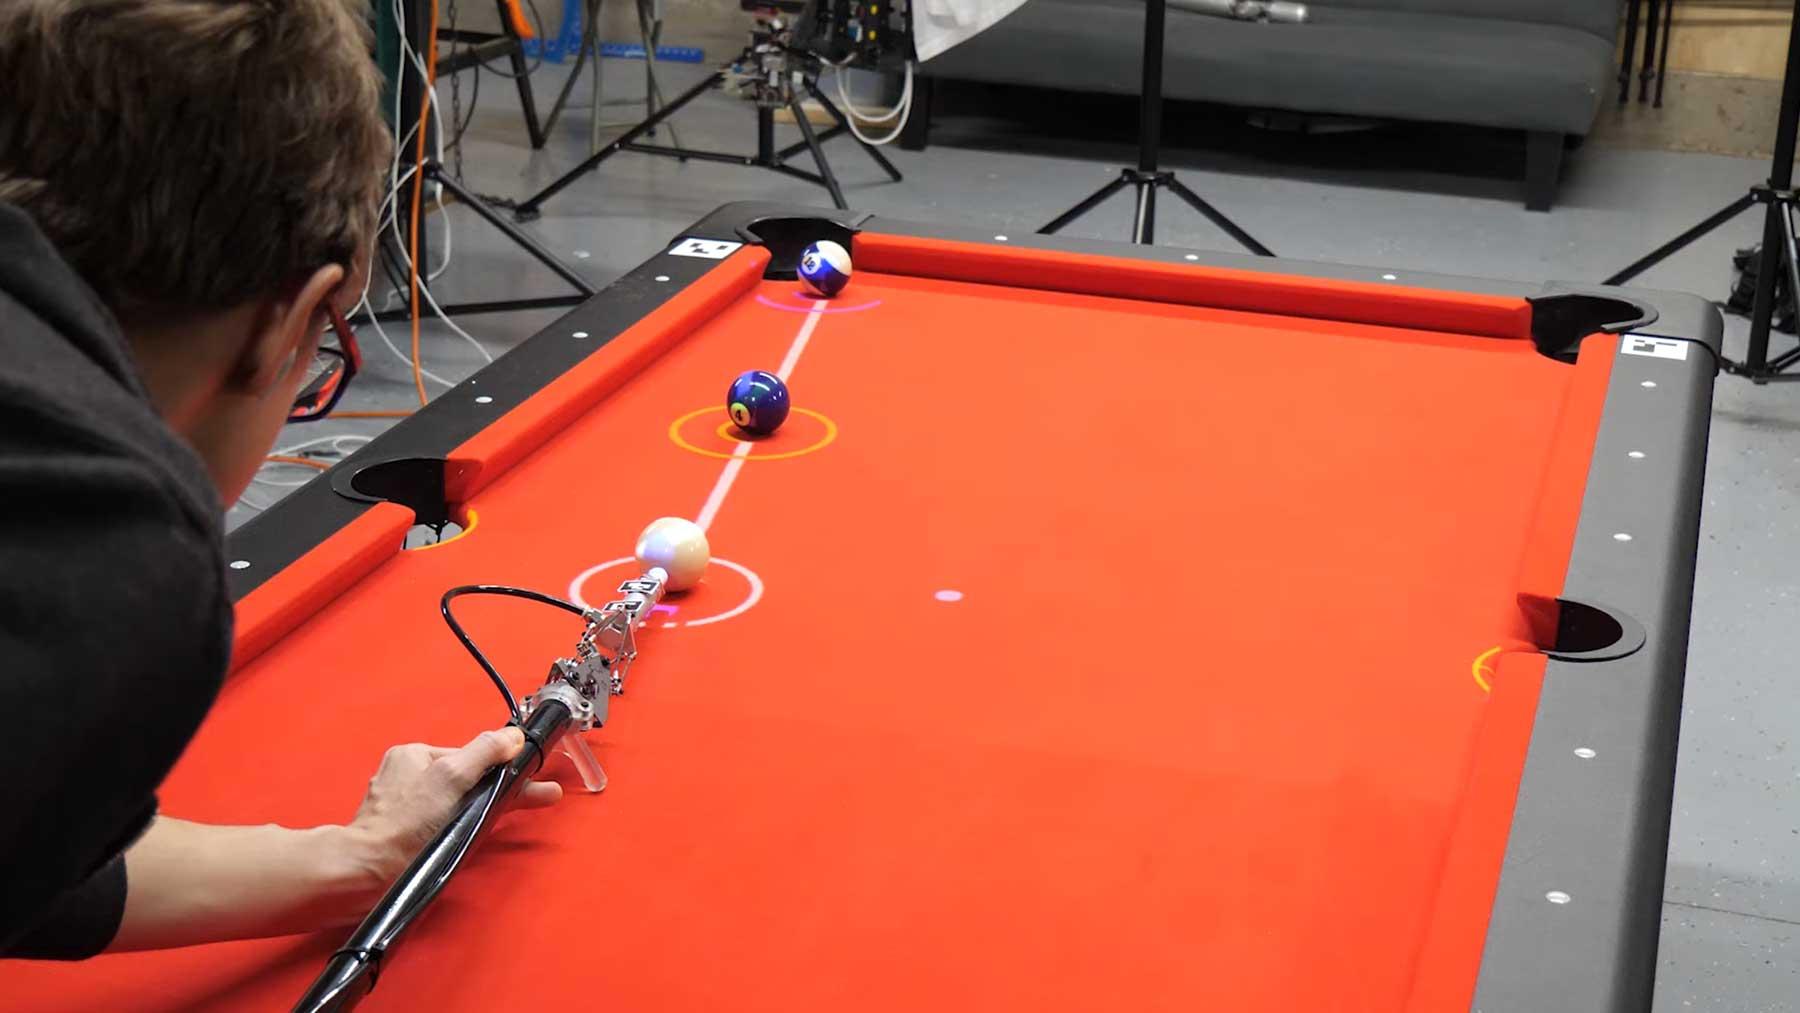 Dieser Billard-Queue berechnet automatisch den optimalen Stoß